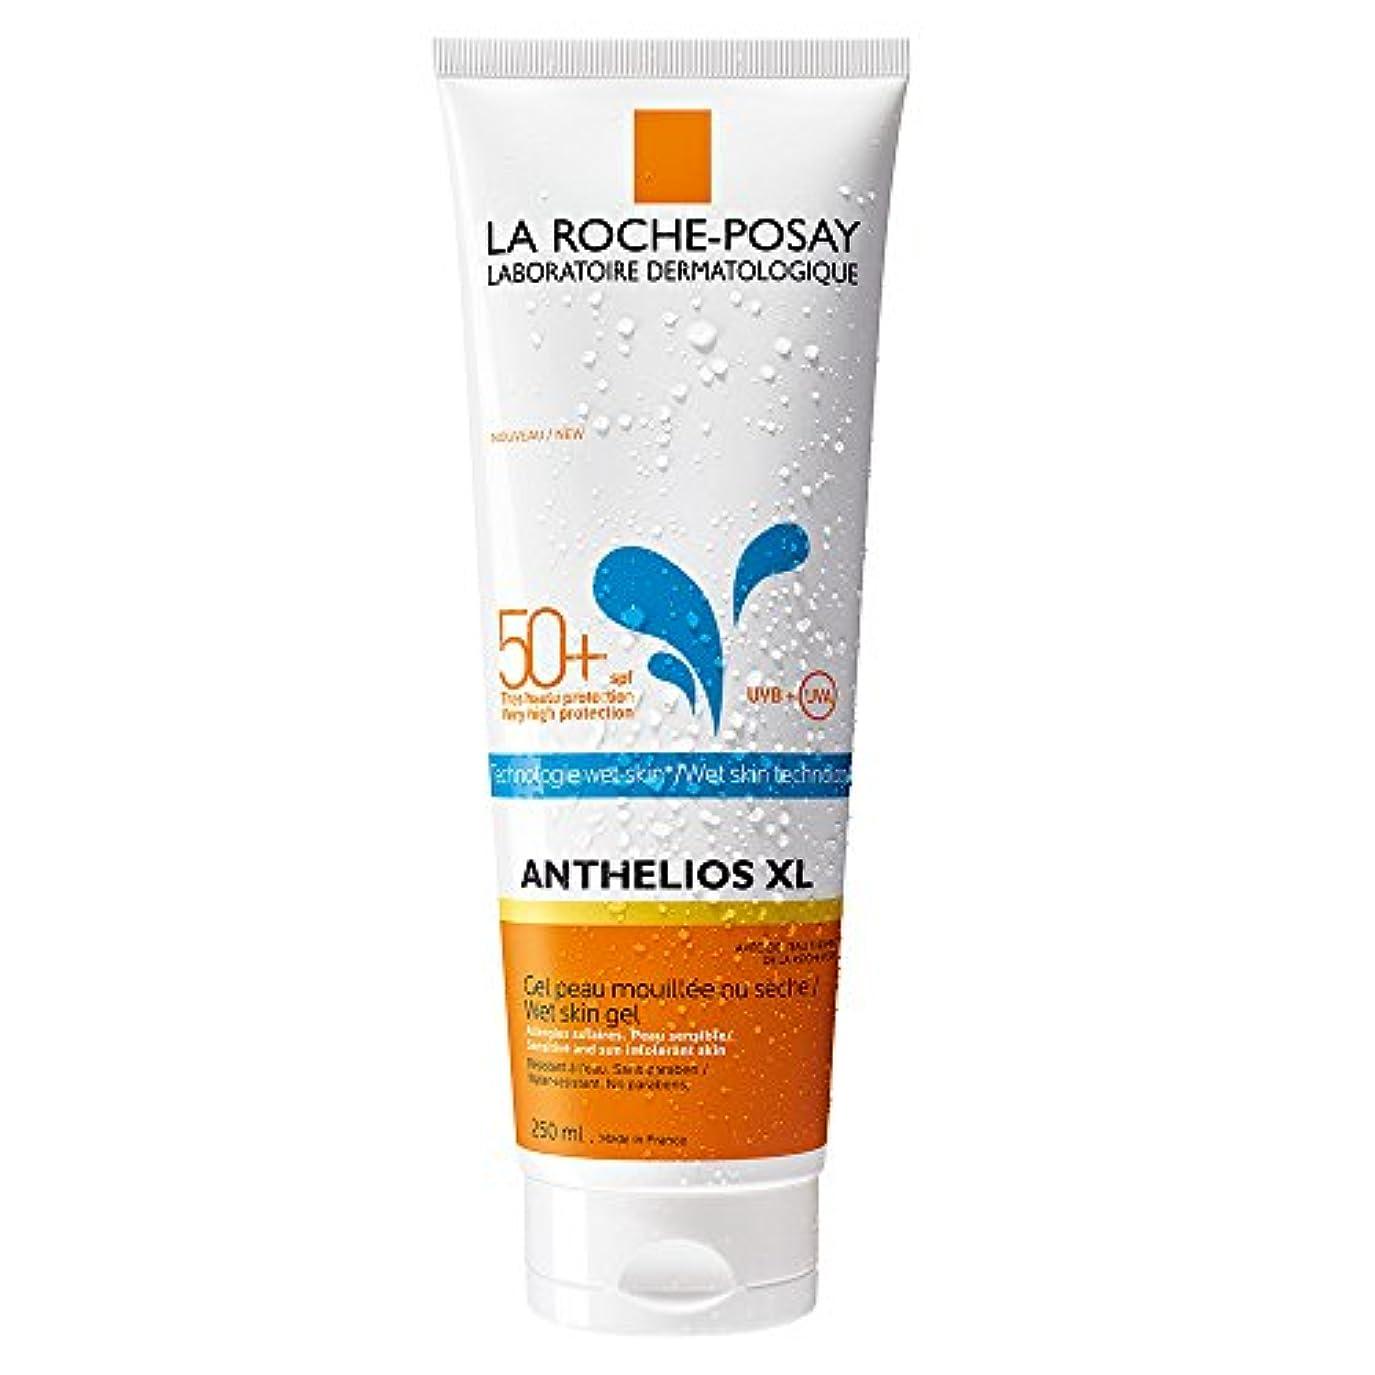 非効率的な協力大胆不敵La Roche-Posay(ラロッシュポゼ) 【濡れた肌にも使える日やけ止めジェルクリーム】アンテリオス XL ウェットスキン SPF50+/PA++++ 250mL <フェイス?ボディ用>